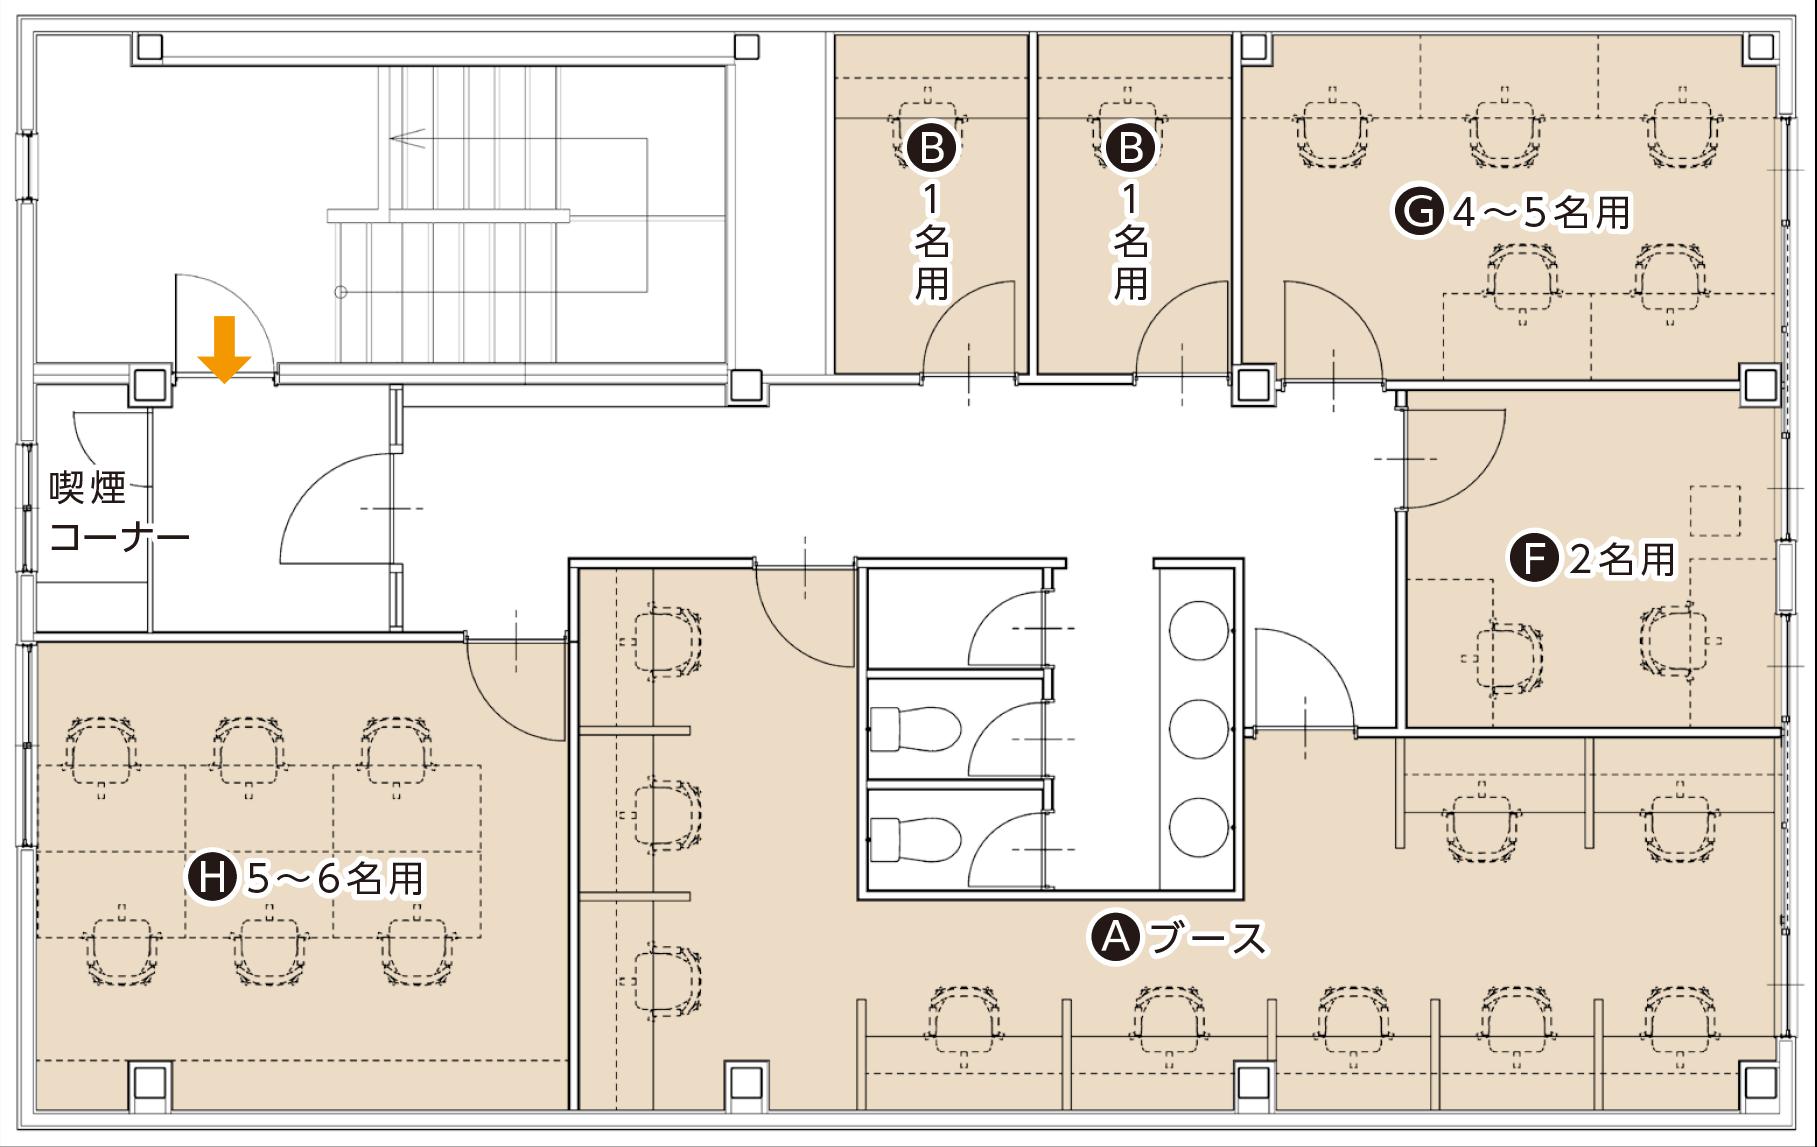 レンタルオフィス3Fフロアマップ